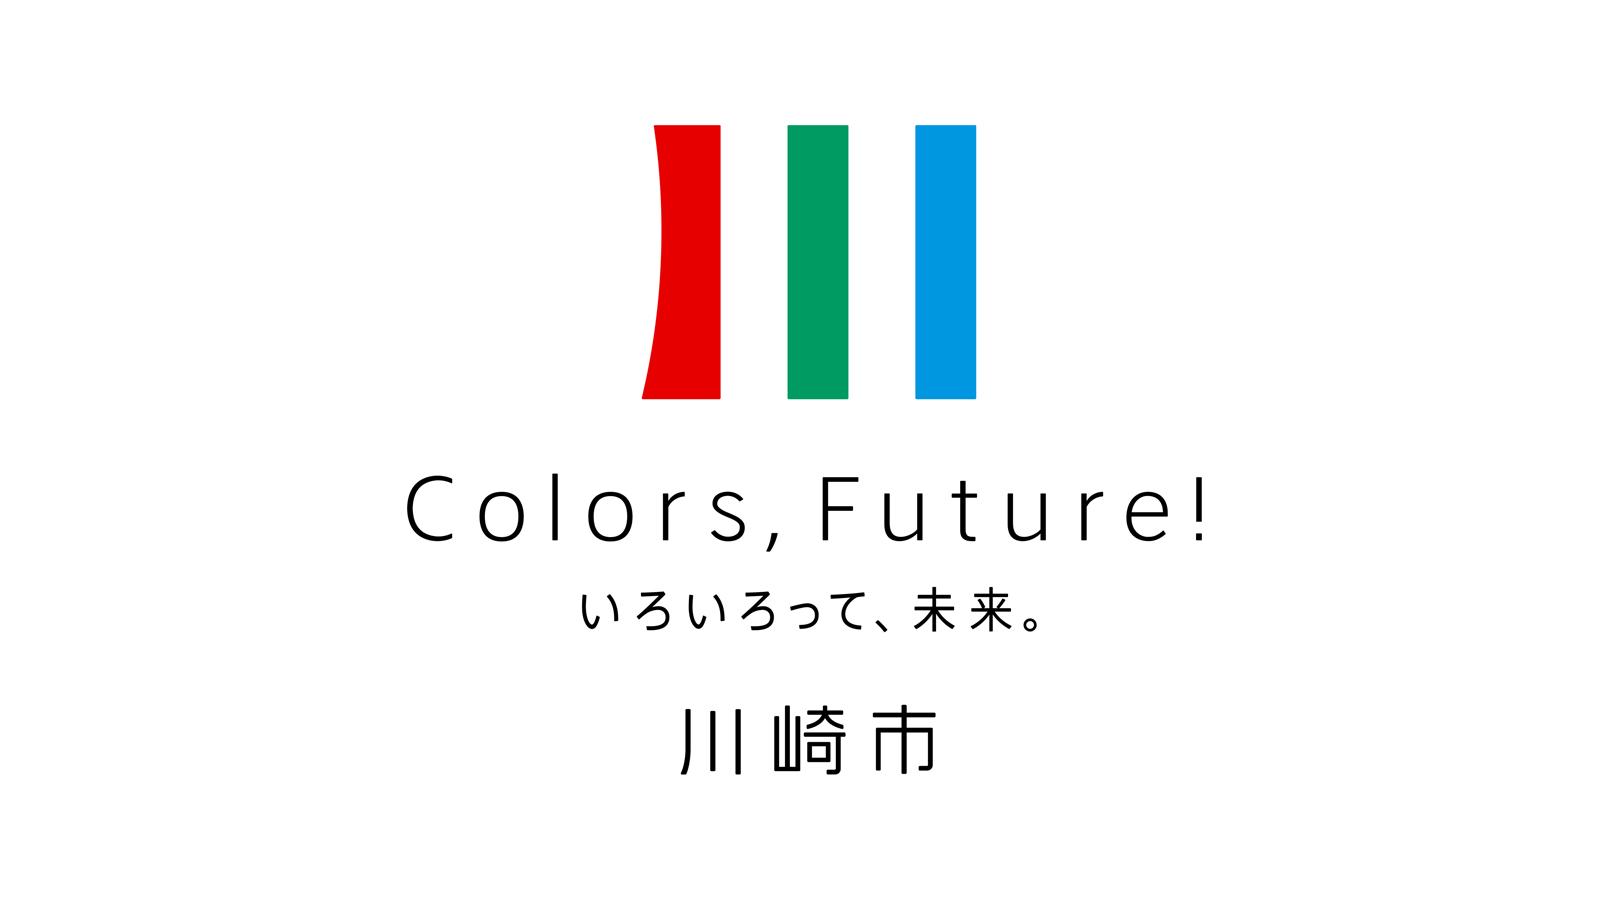 川崎市のロゴ